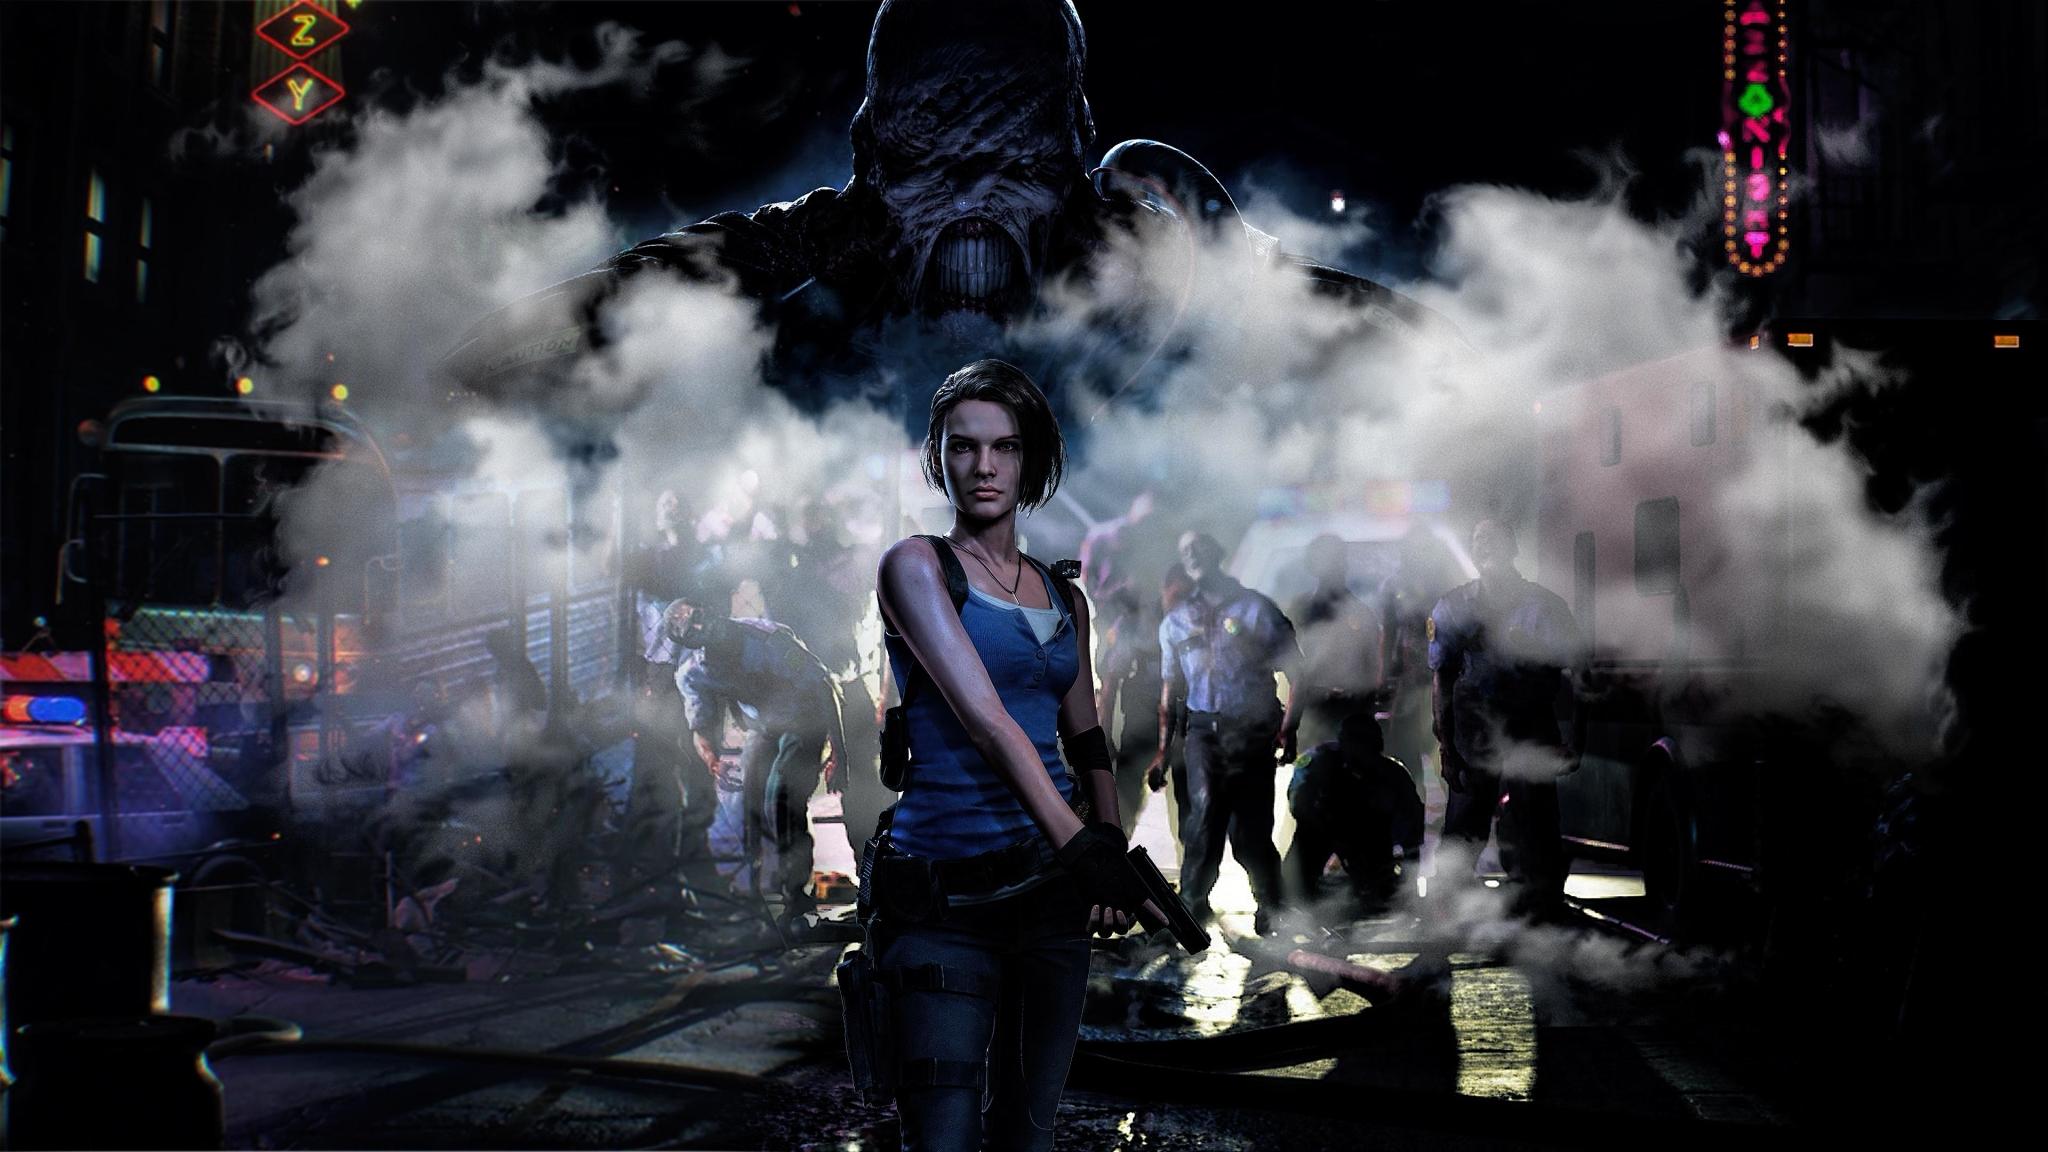 2048x1152 4k Jill Valentine Resident Evil 3 2048x1152